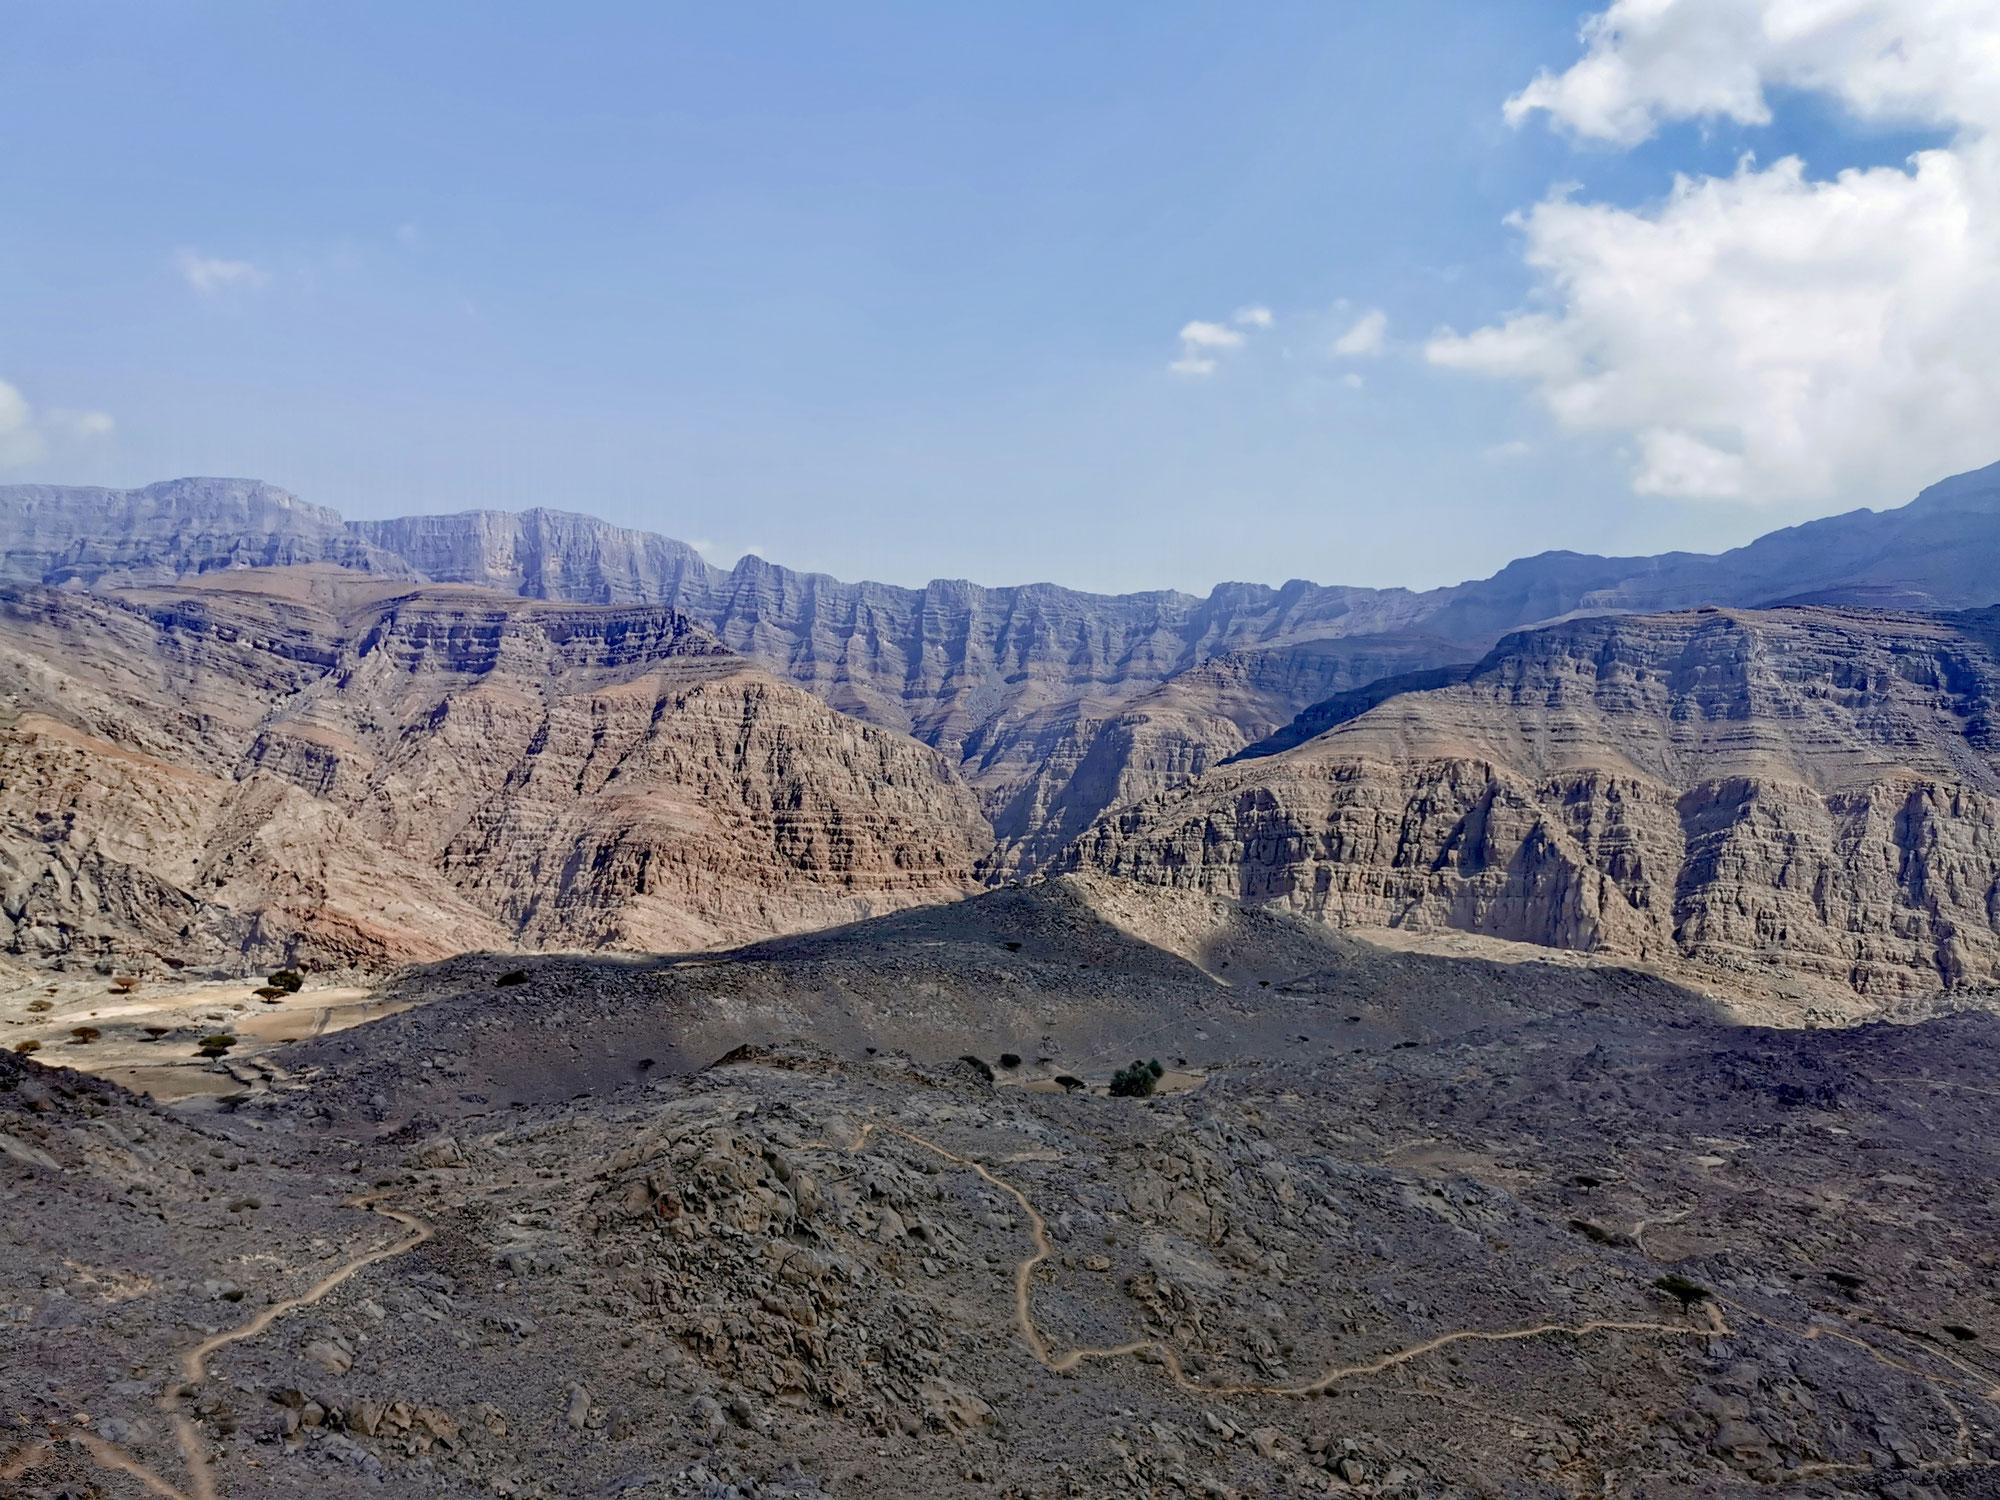 Jebel Jais - Wandern im Hajar-Gebirge